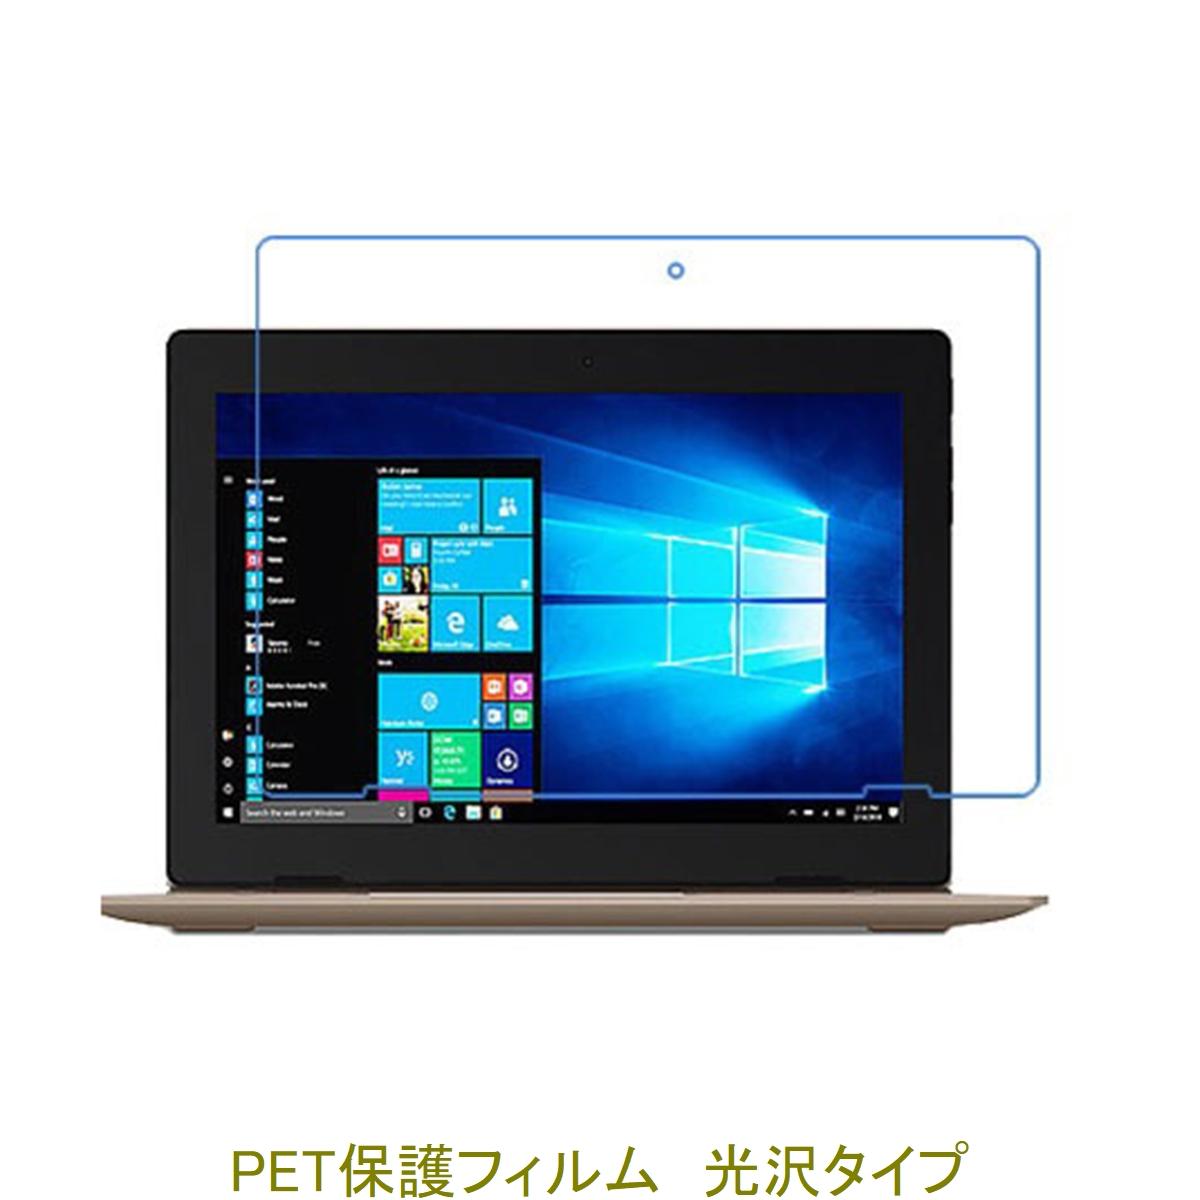 【メール便送料無料】 Lenovo ideapad D330 81H300B1JP 10.1インチ 液晶保護フィルム 高光沢 クリア